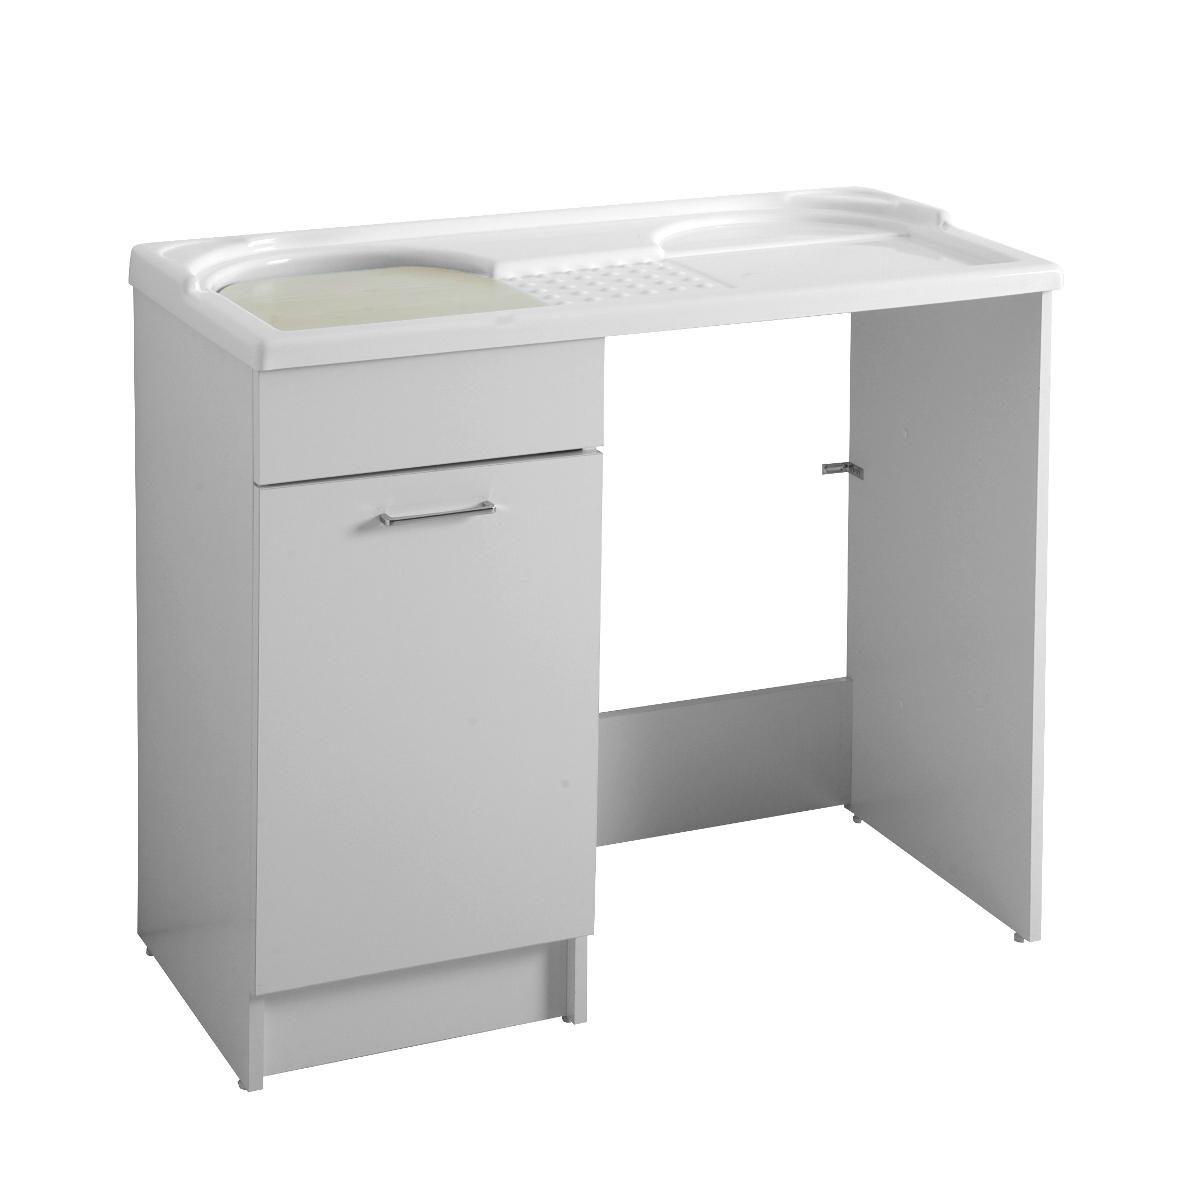 Mobile con lavatoio e porta lavatrice 106x50x89duo - Mobile bagno con lavatrice ...